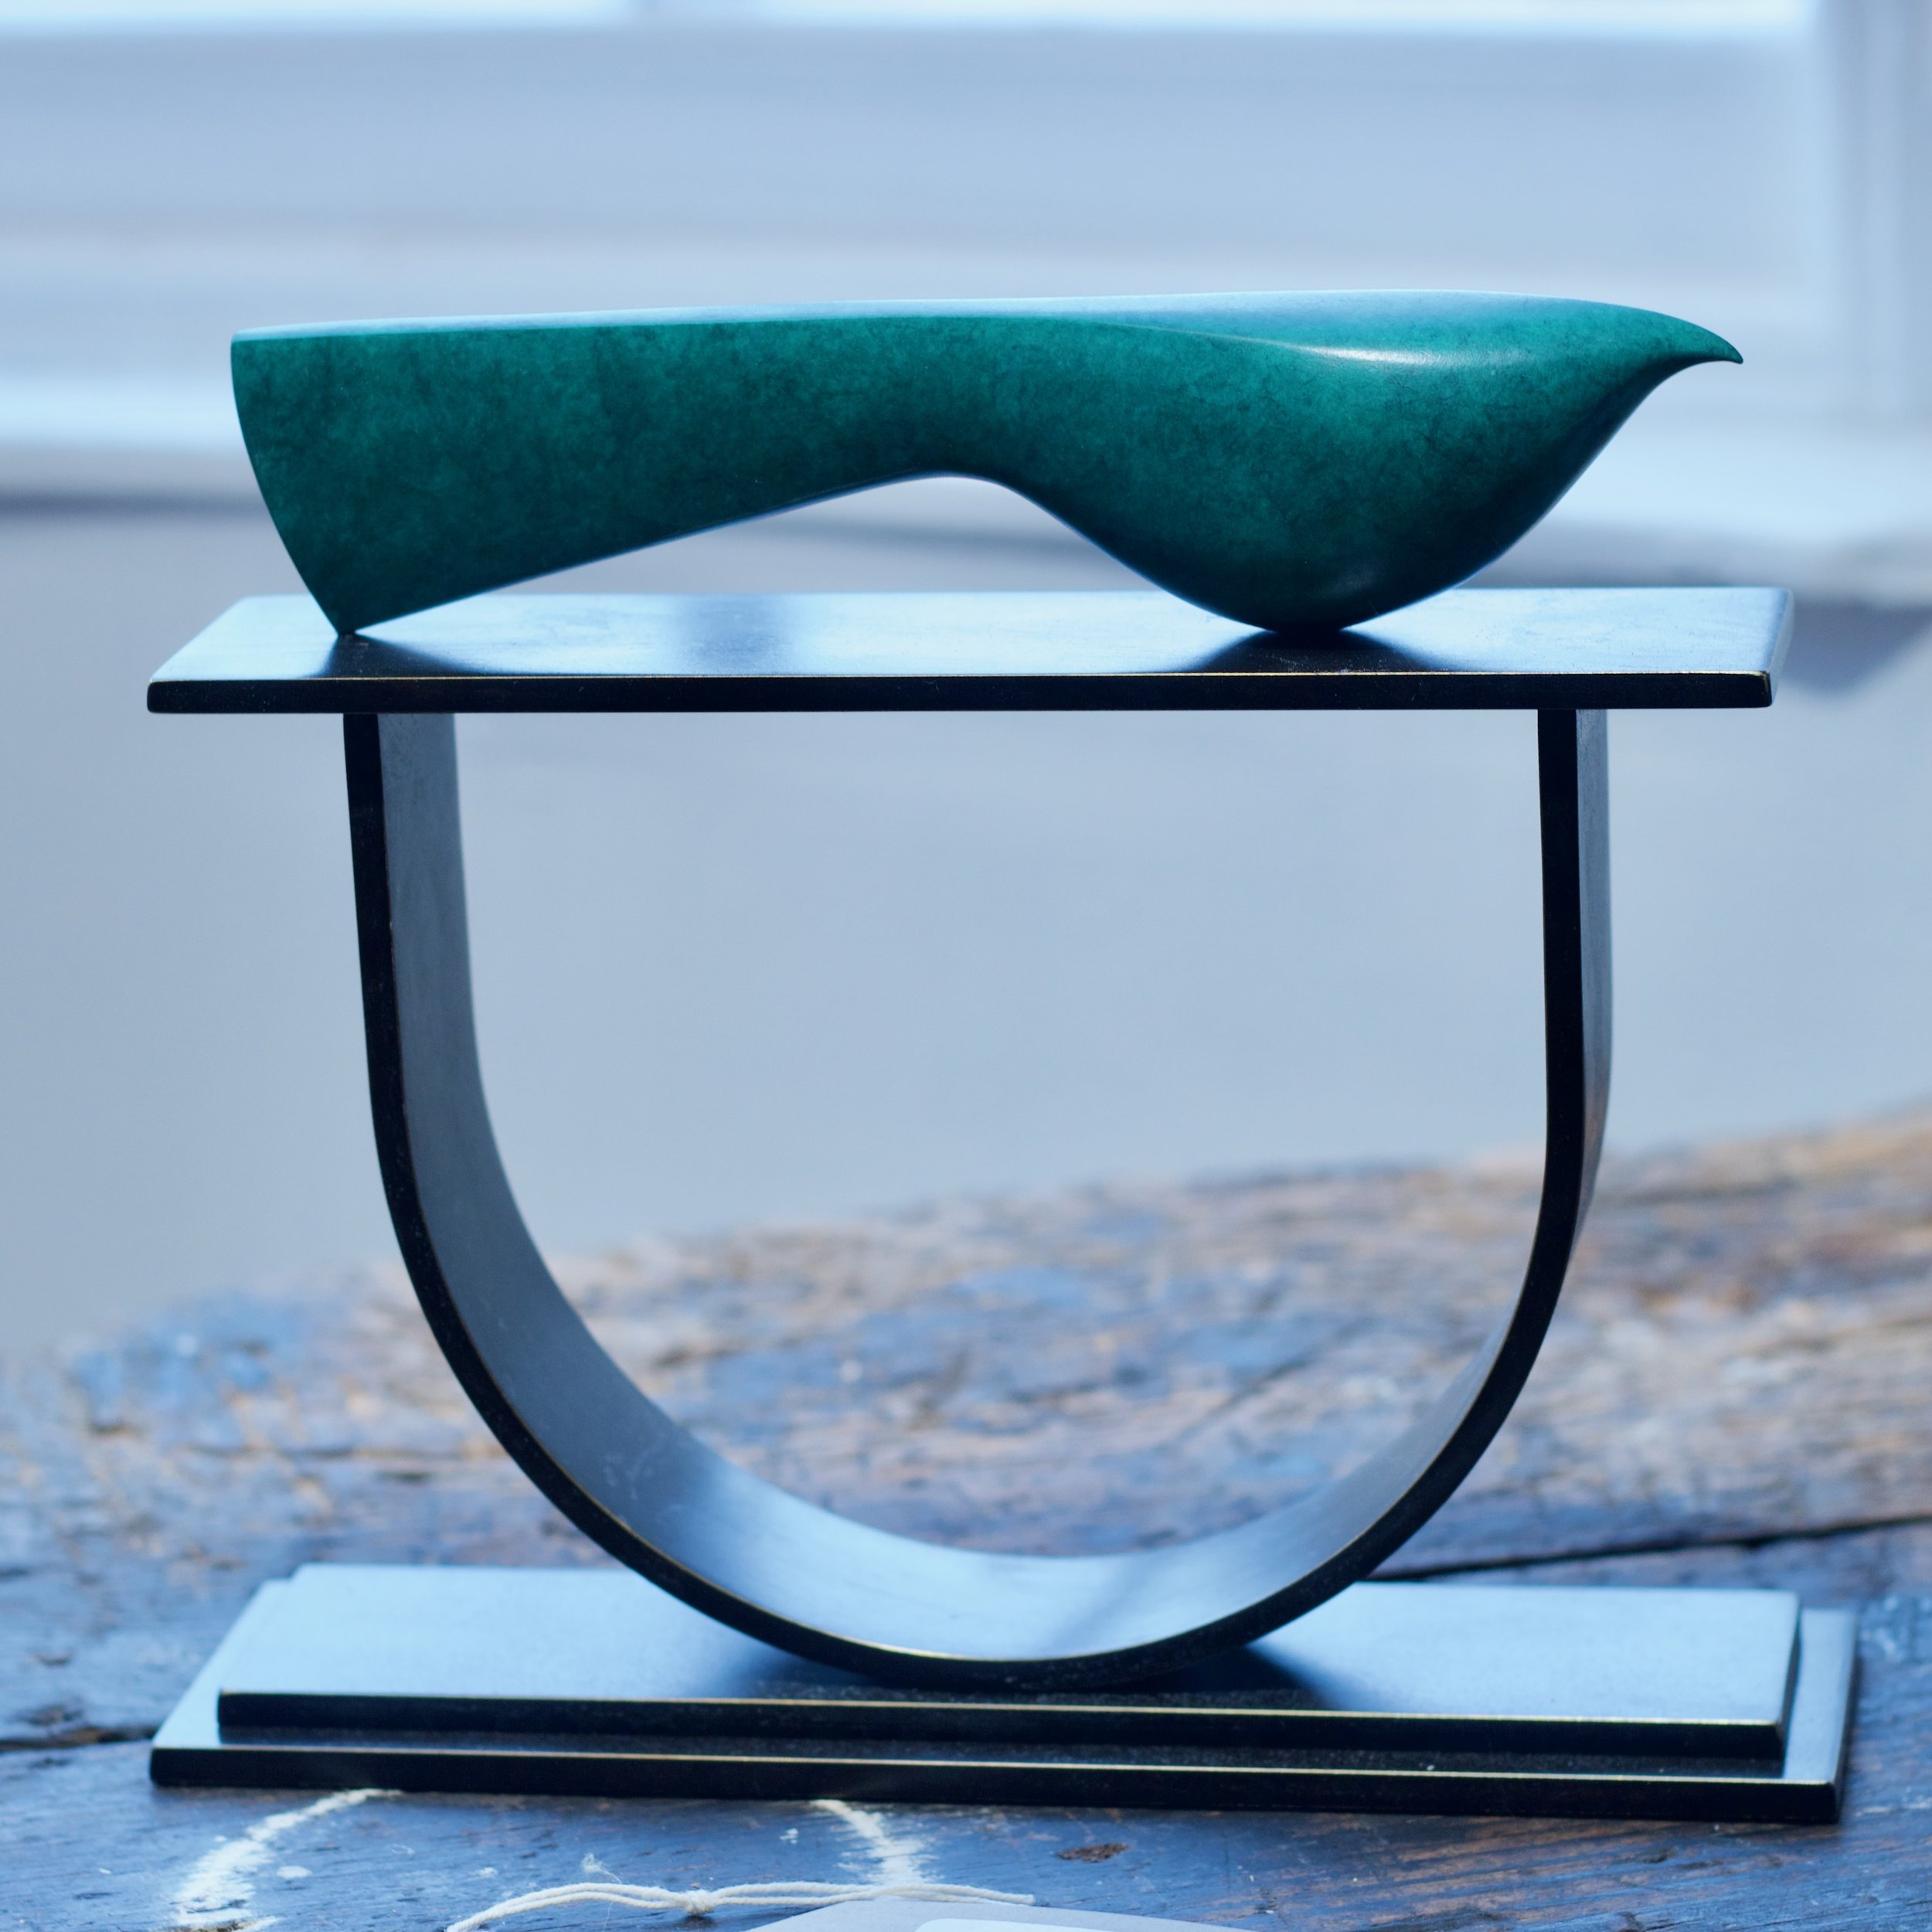 Stephen Page - Hatchet Bird